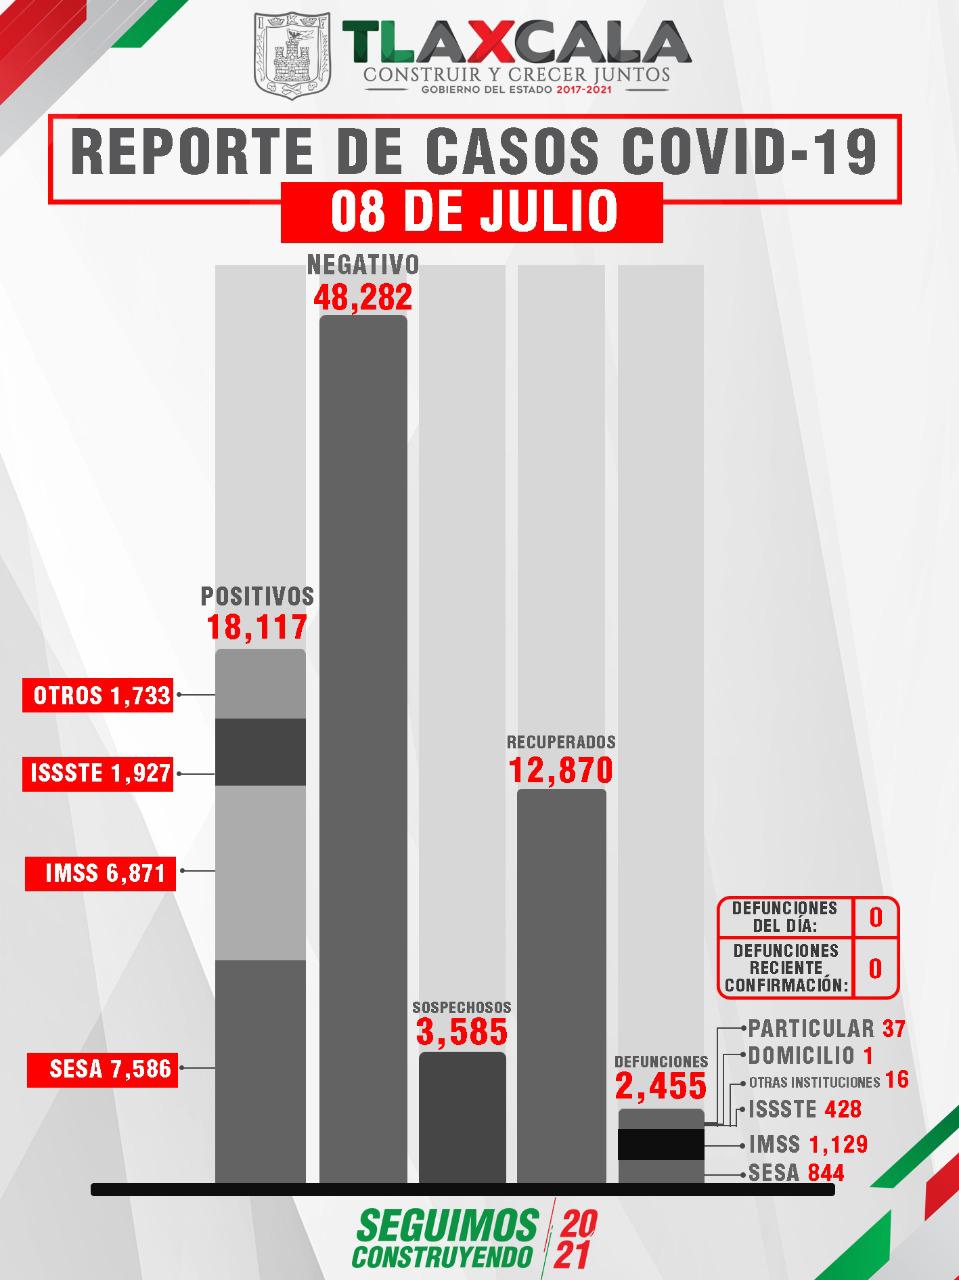 Tlaxcala, sin defunciones por Covid-19 este jueves reporta SESA